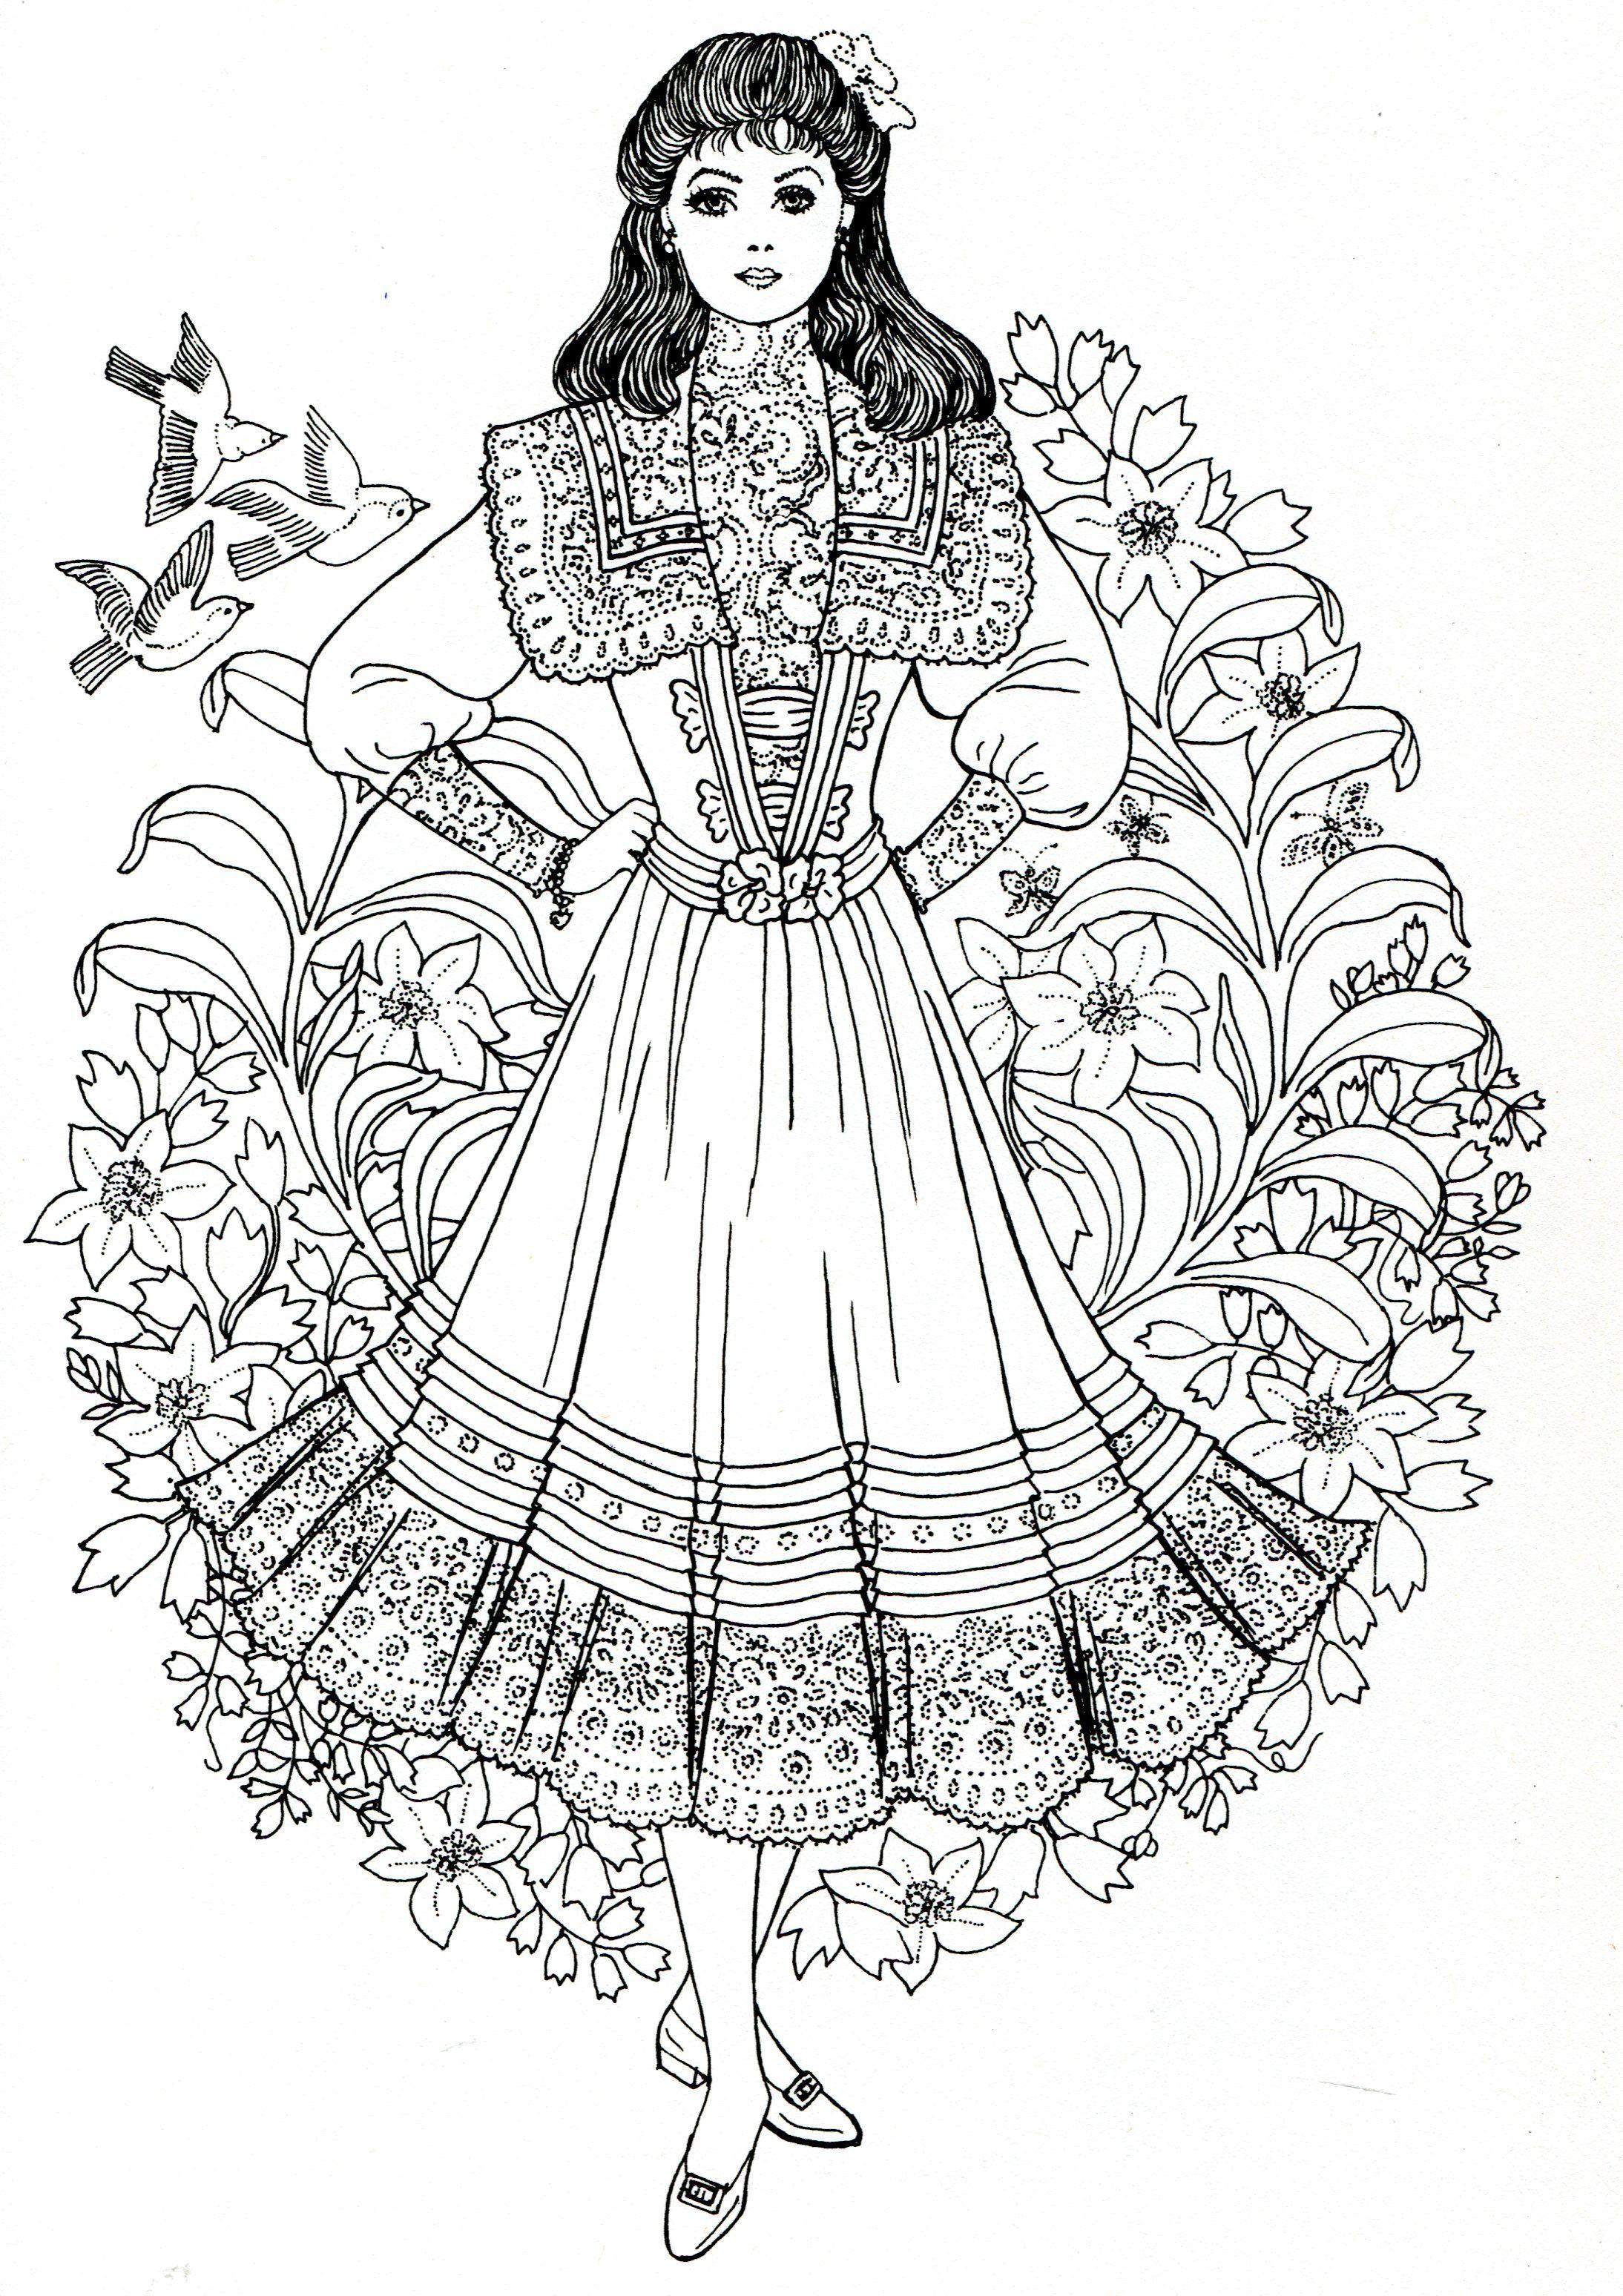 Art Nouveau Fashions for coloring | Coloring Pages | Pinterest ...